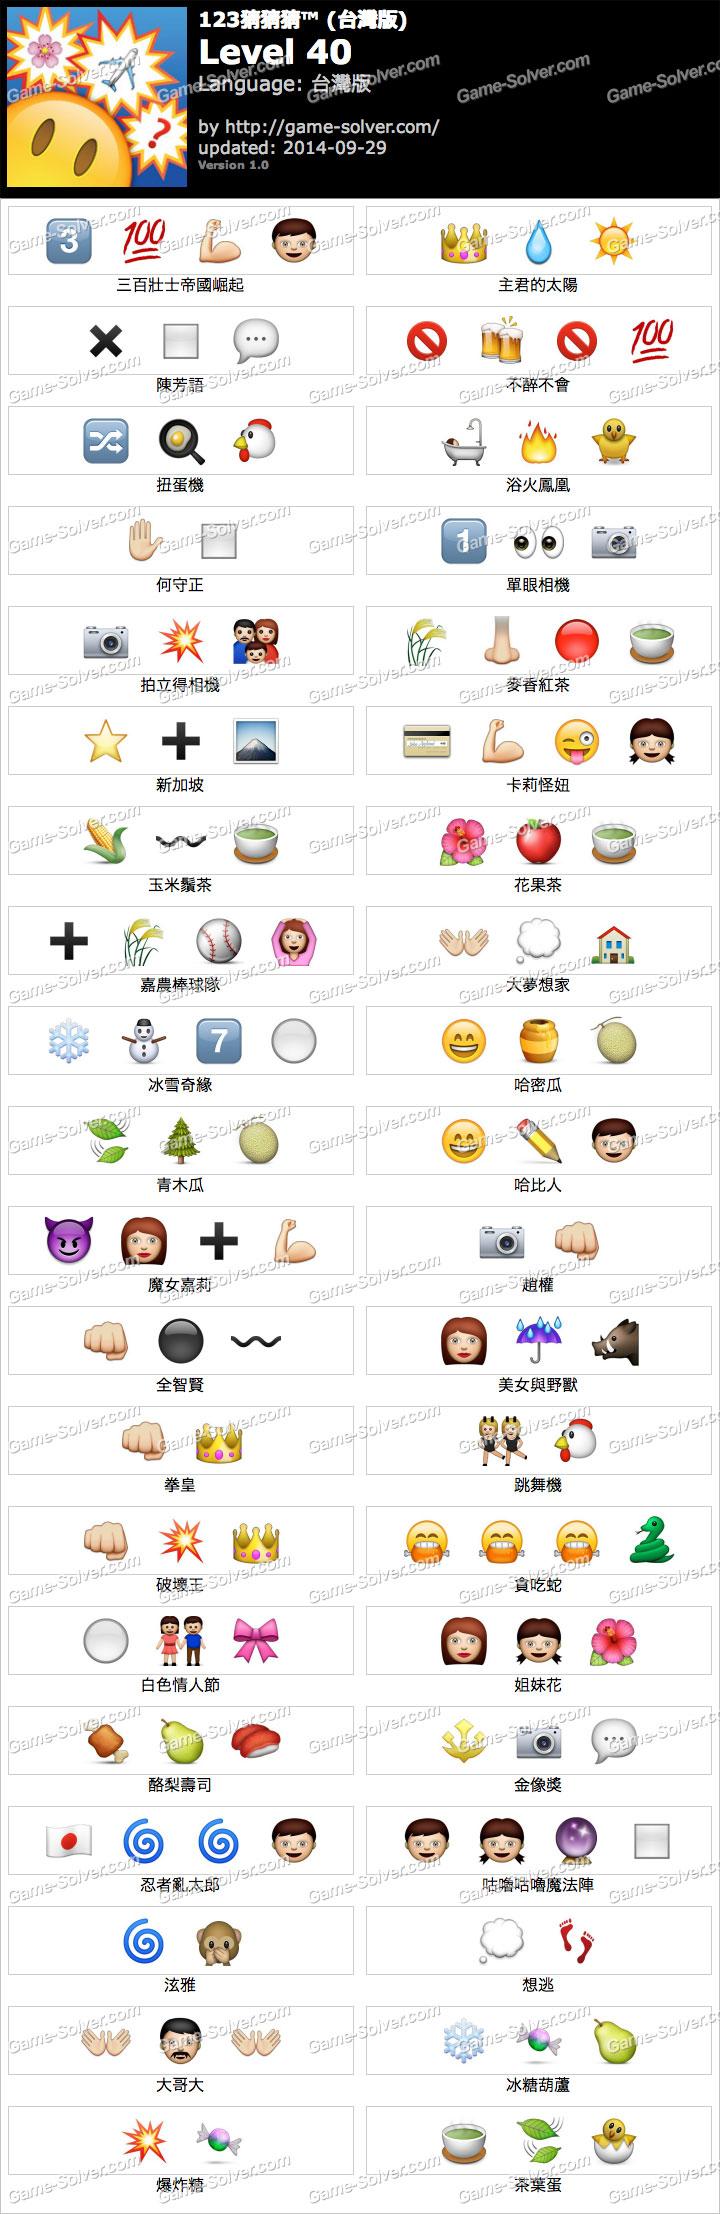 123猜猜猜台灣版答案等級40